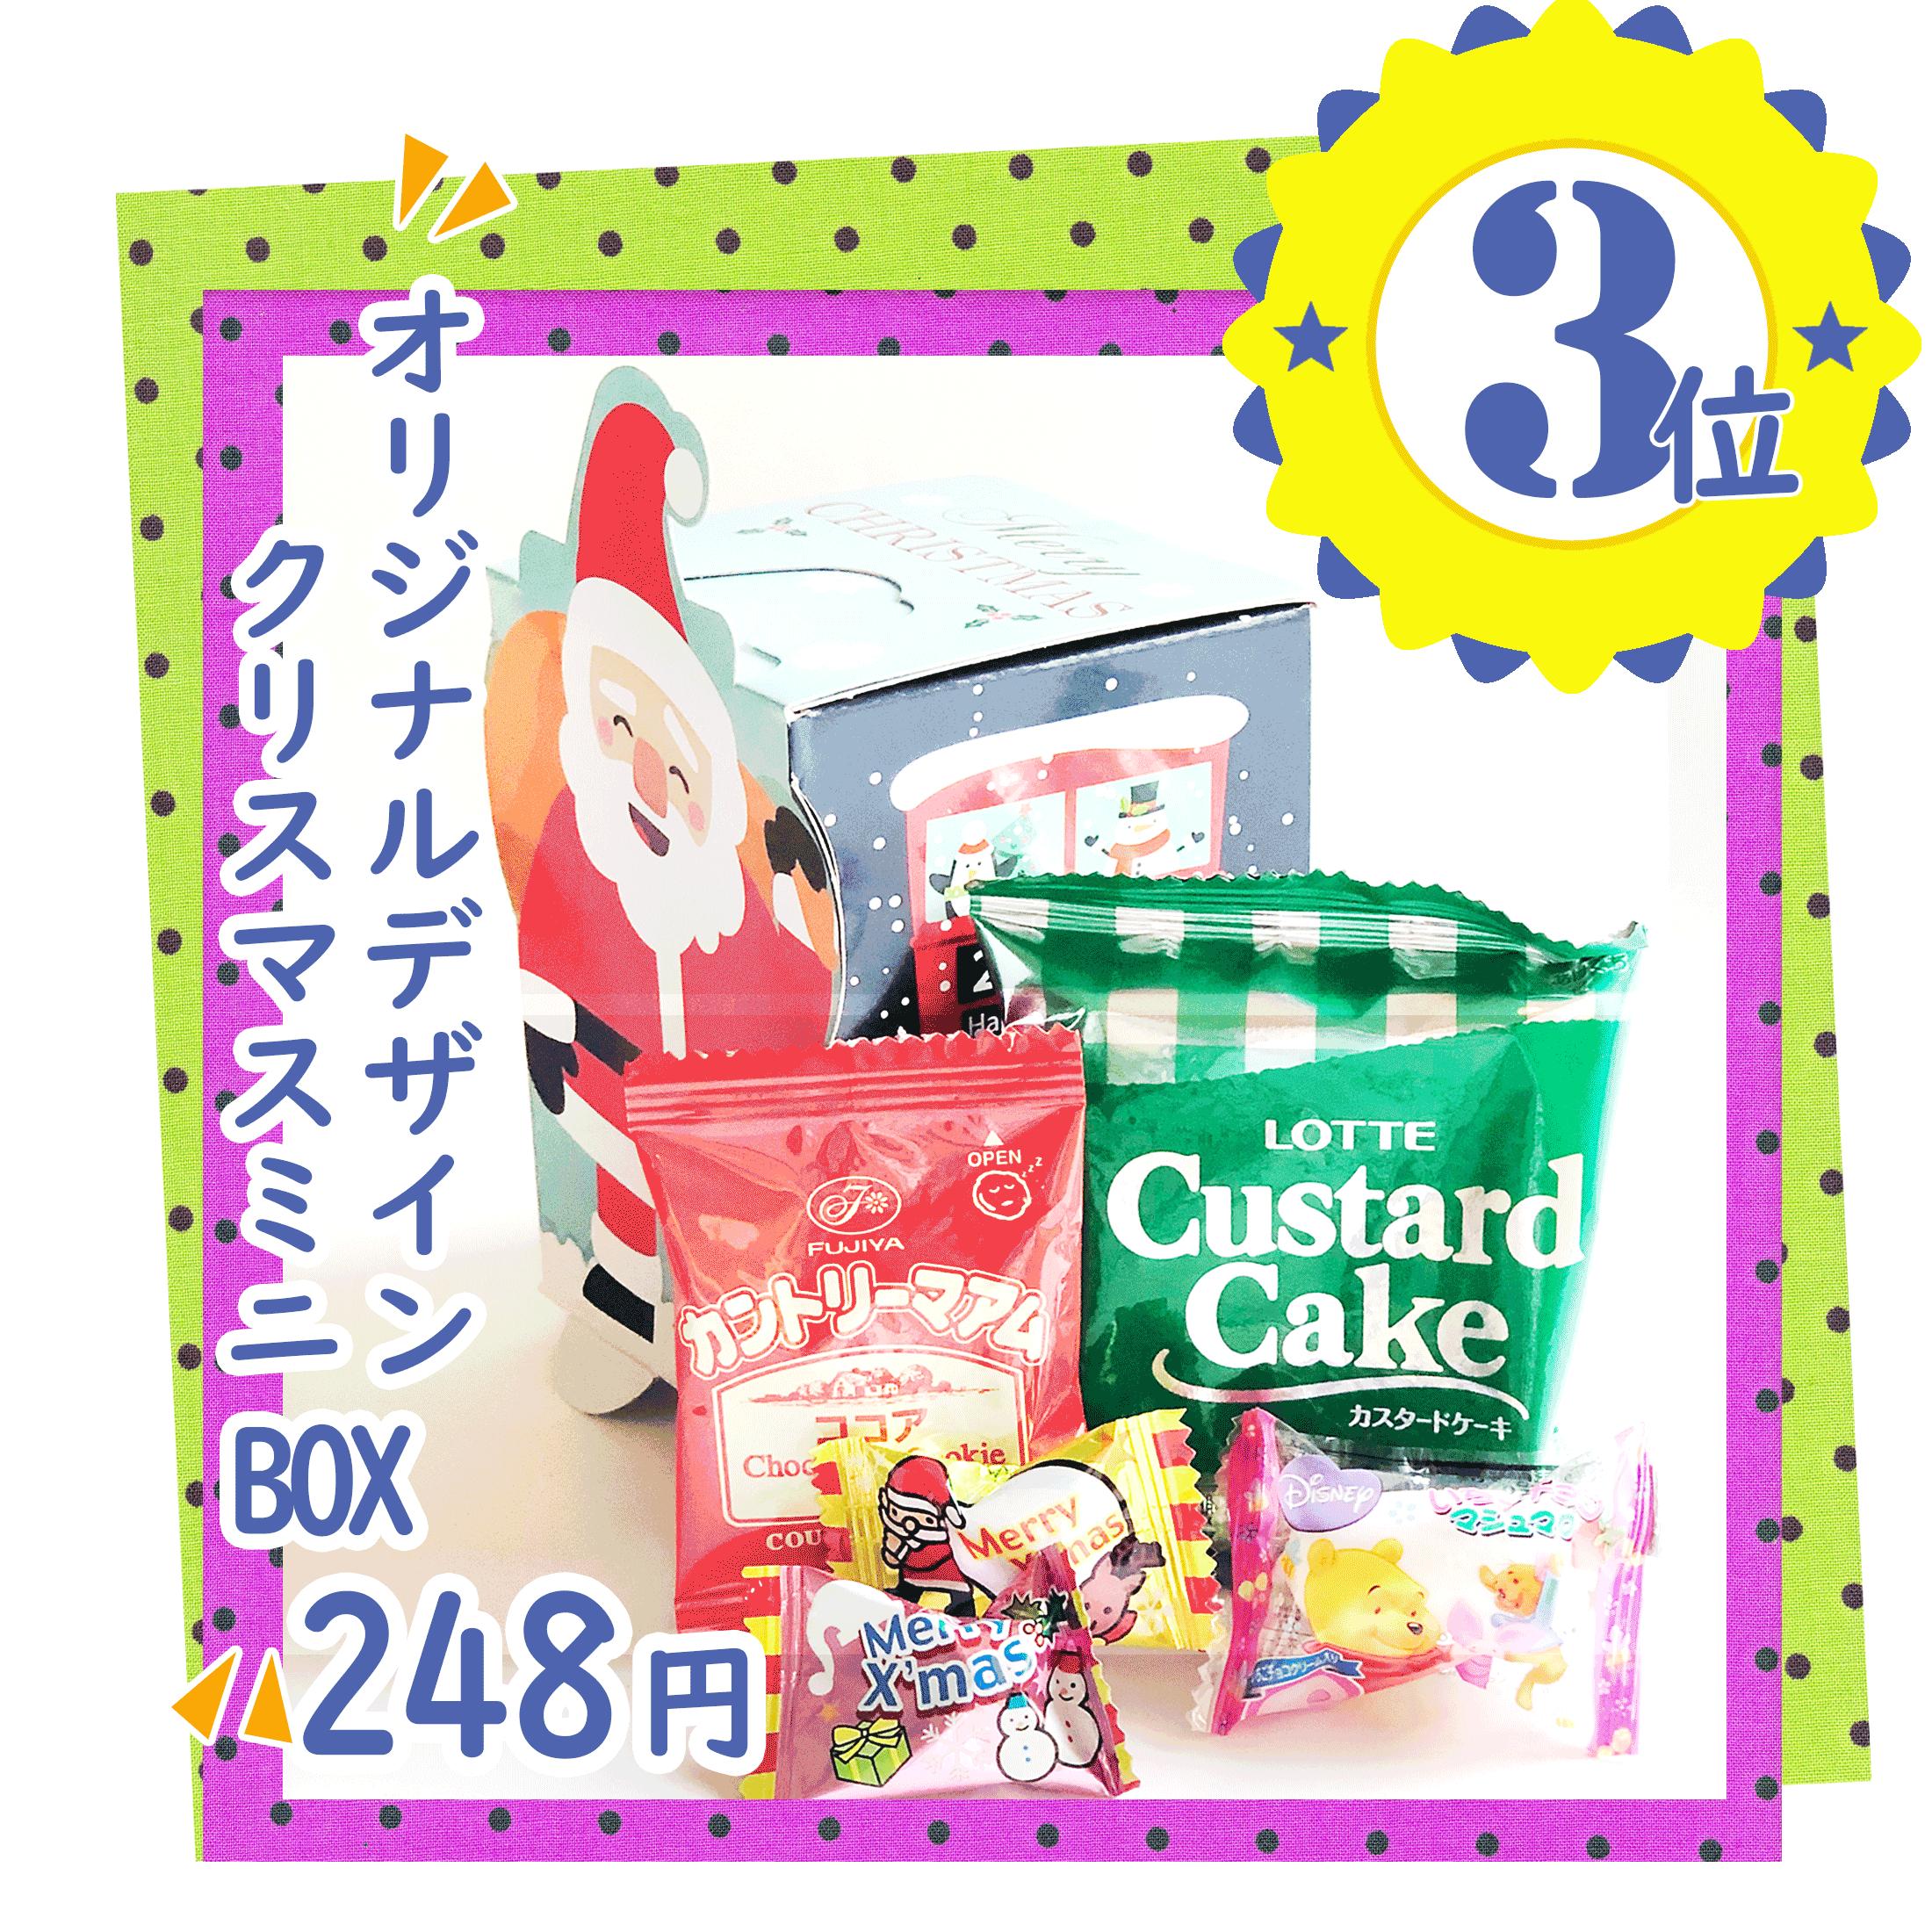 クリスマスハロウィンお菓子販促用3番人気